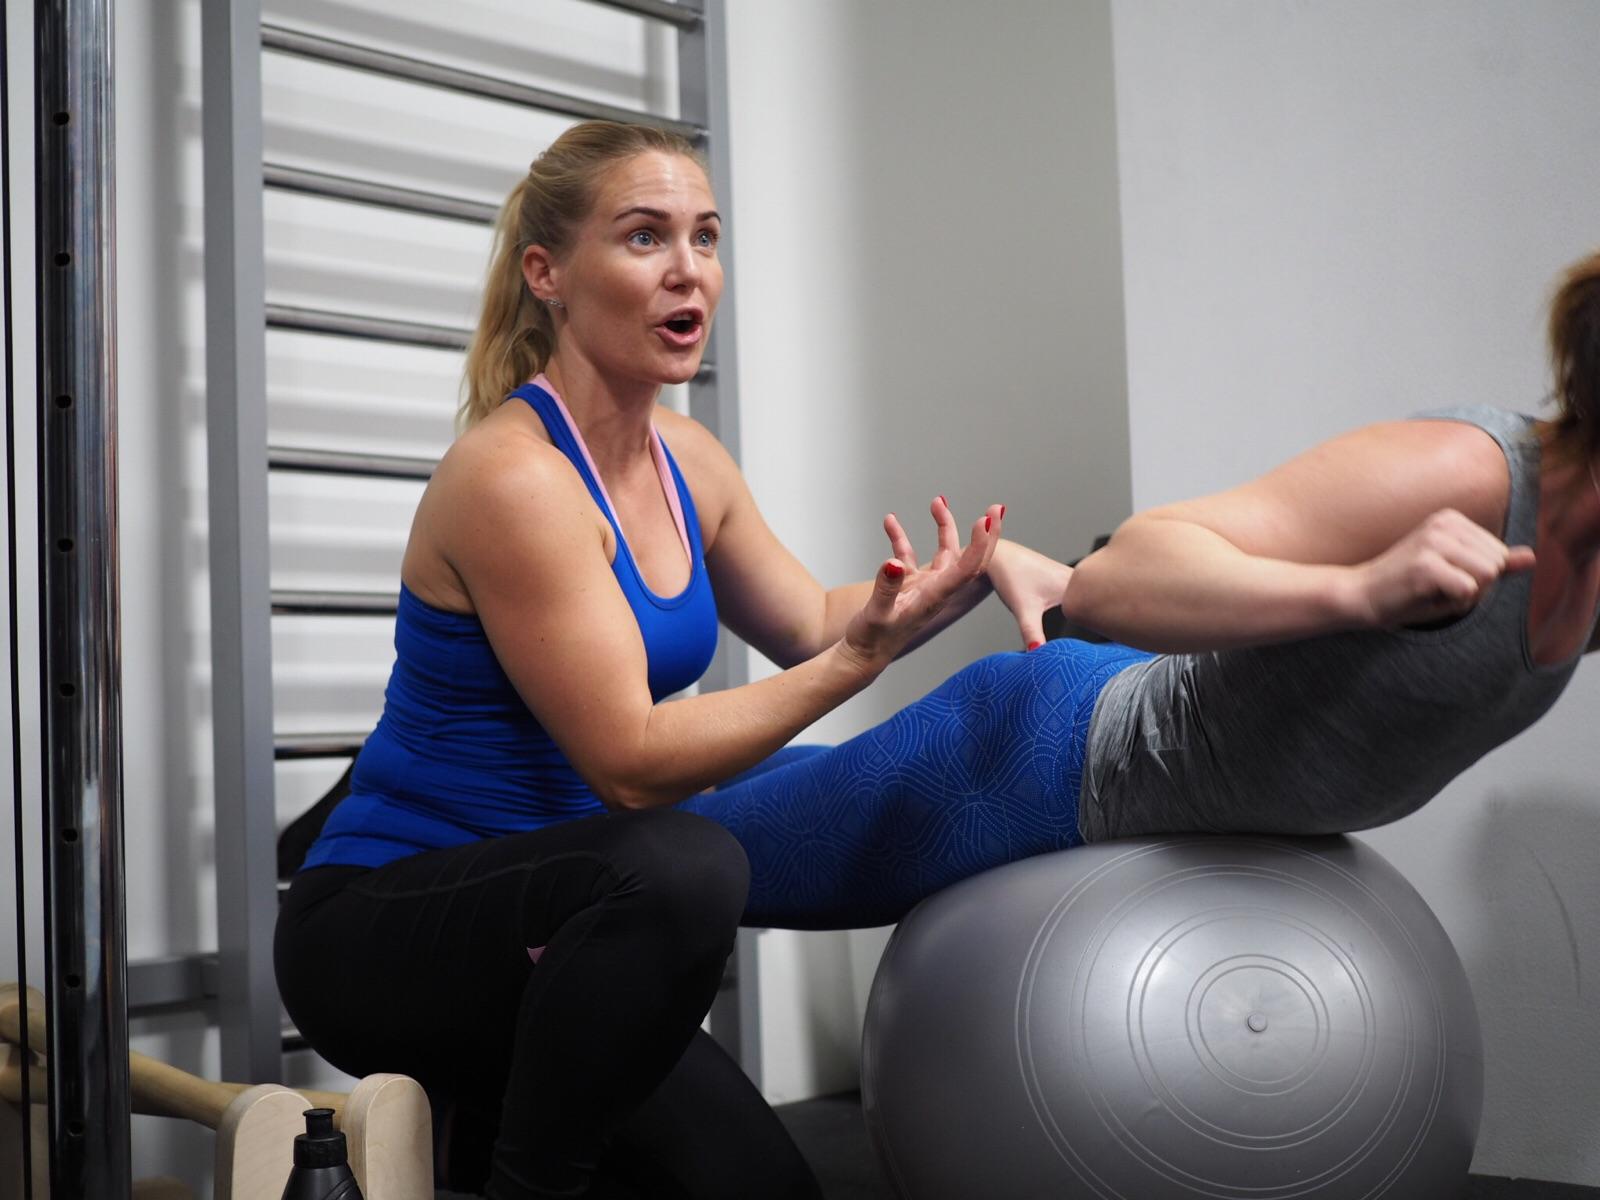 10 frågor att besvara innan ditt träningspass | Lofsan.se